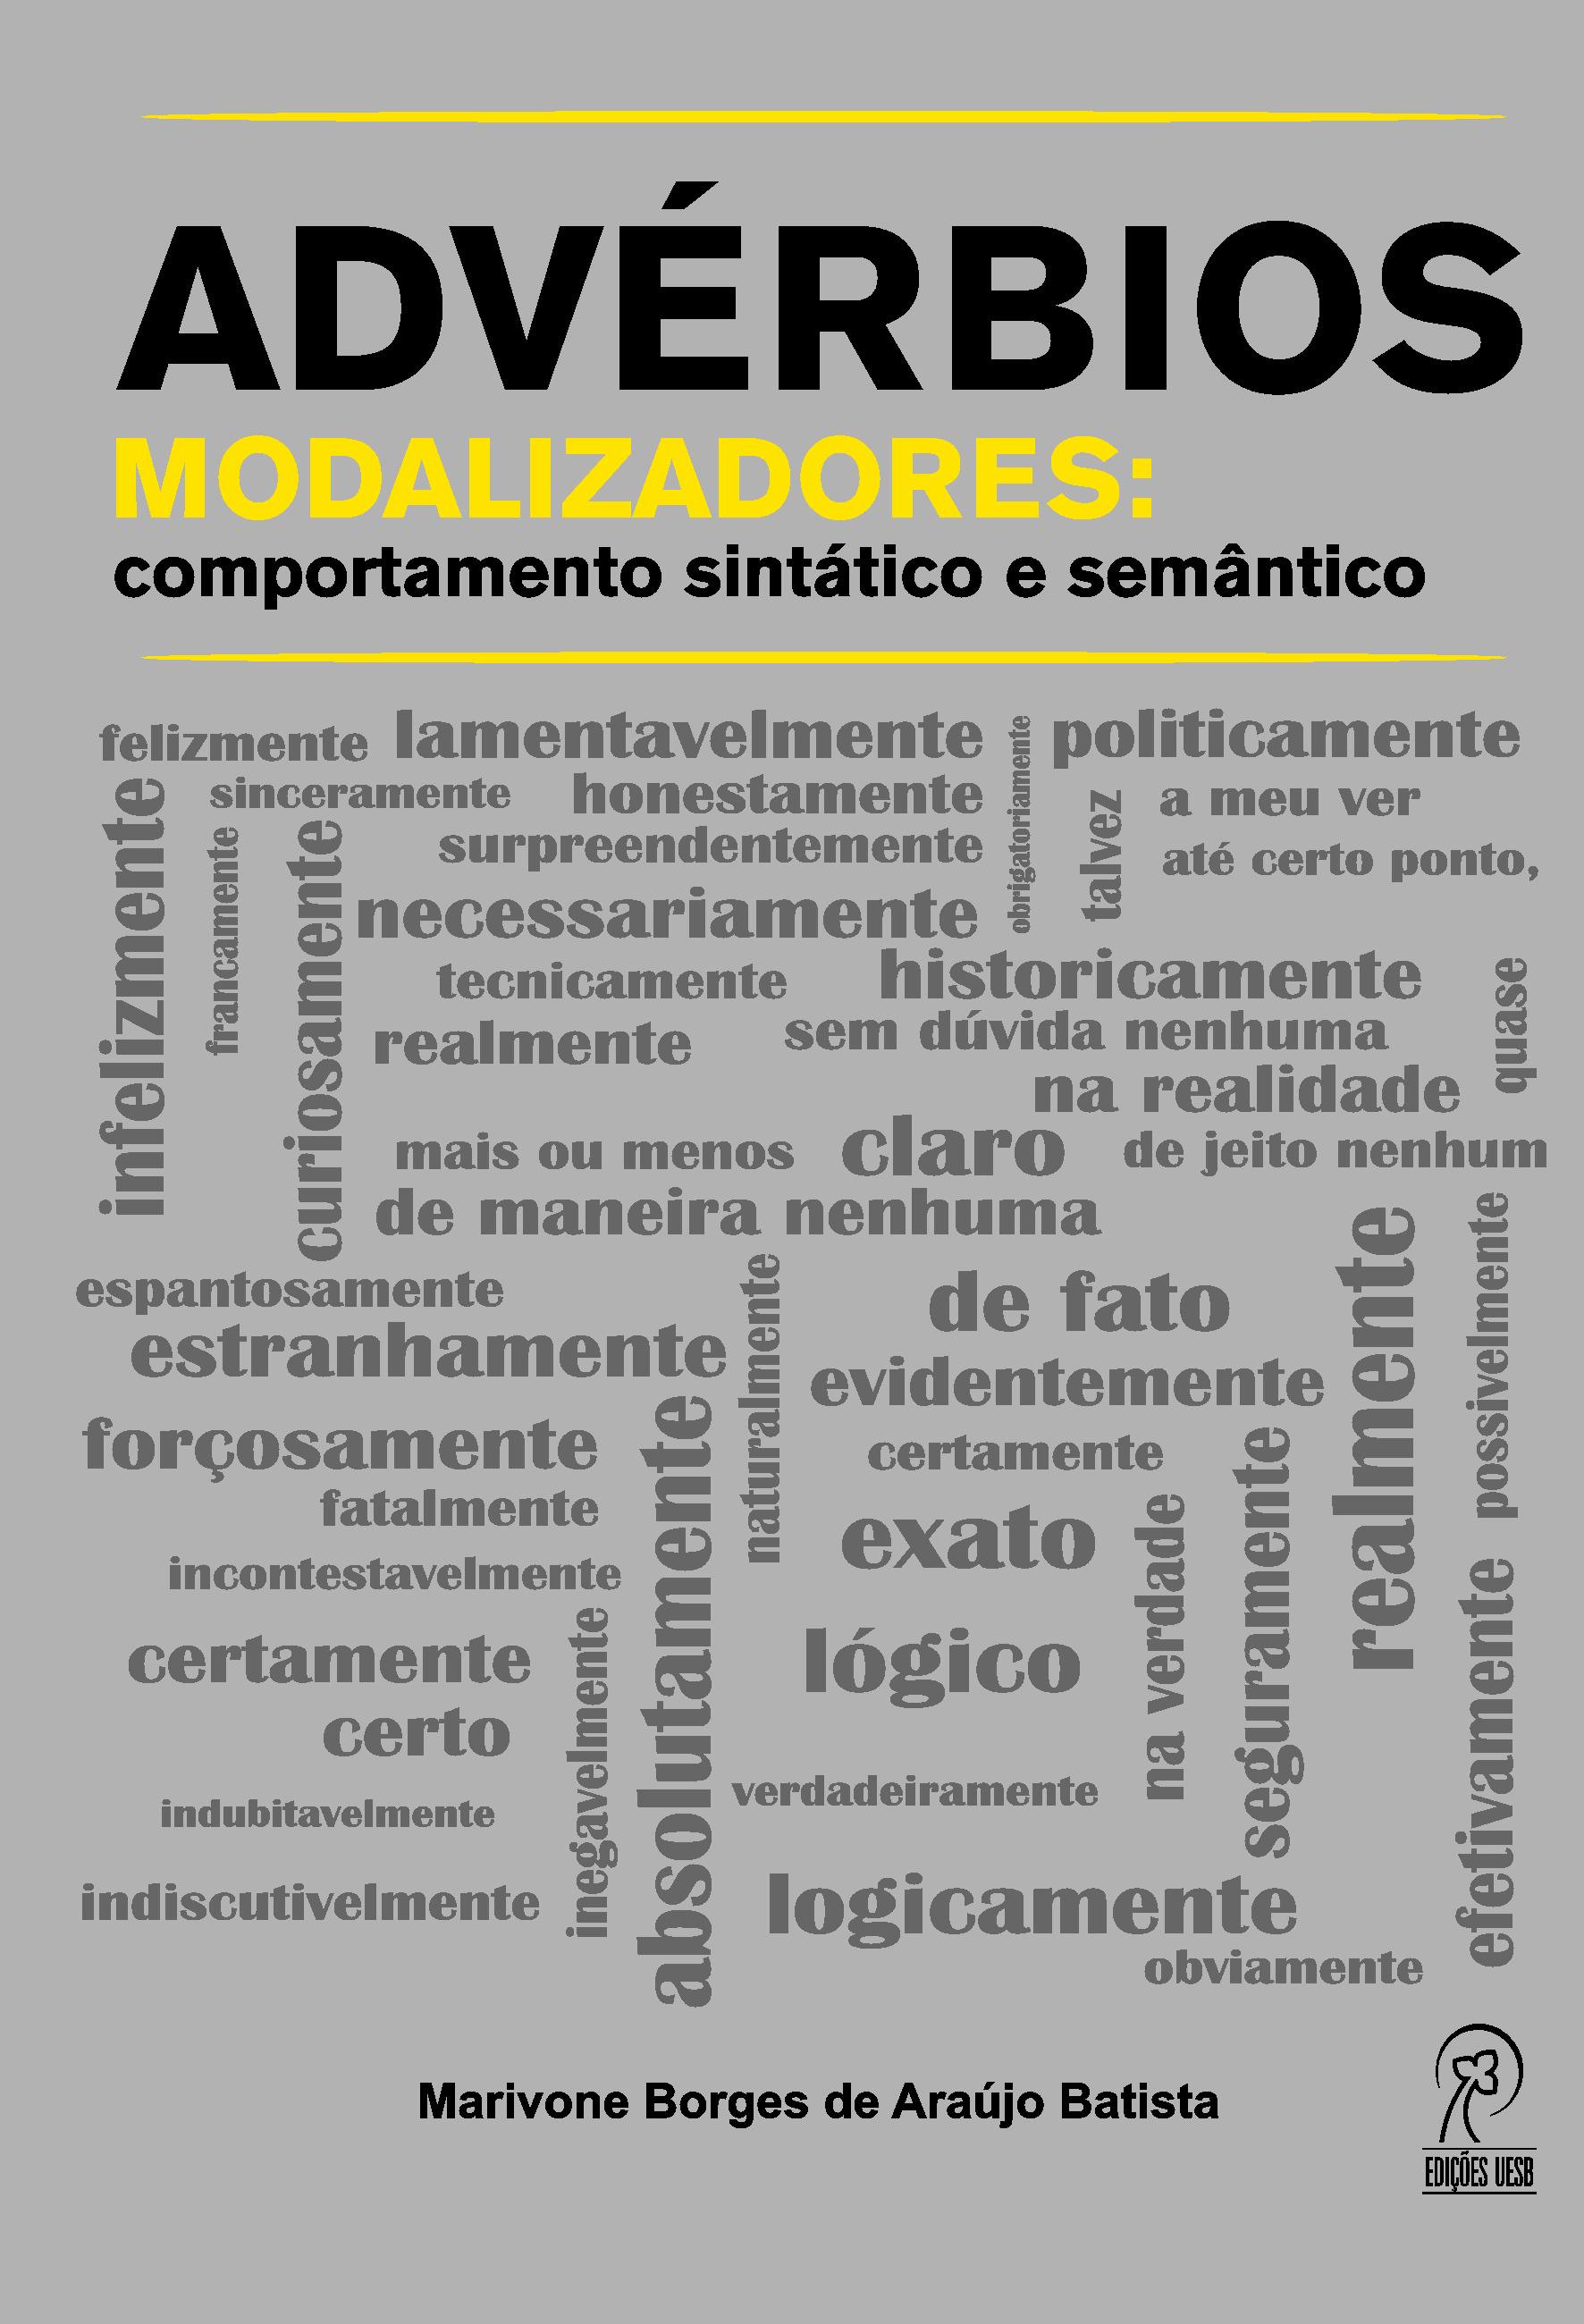 Advérbios Modalizadores: comportamento sintático e semântico